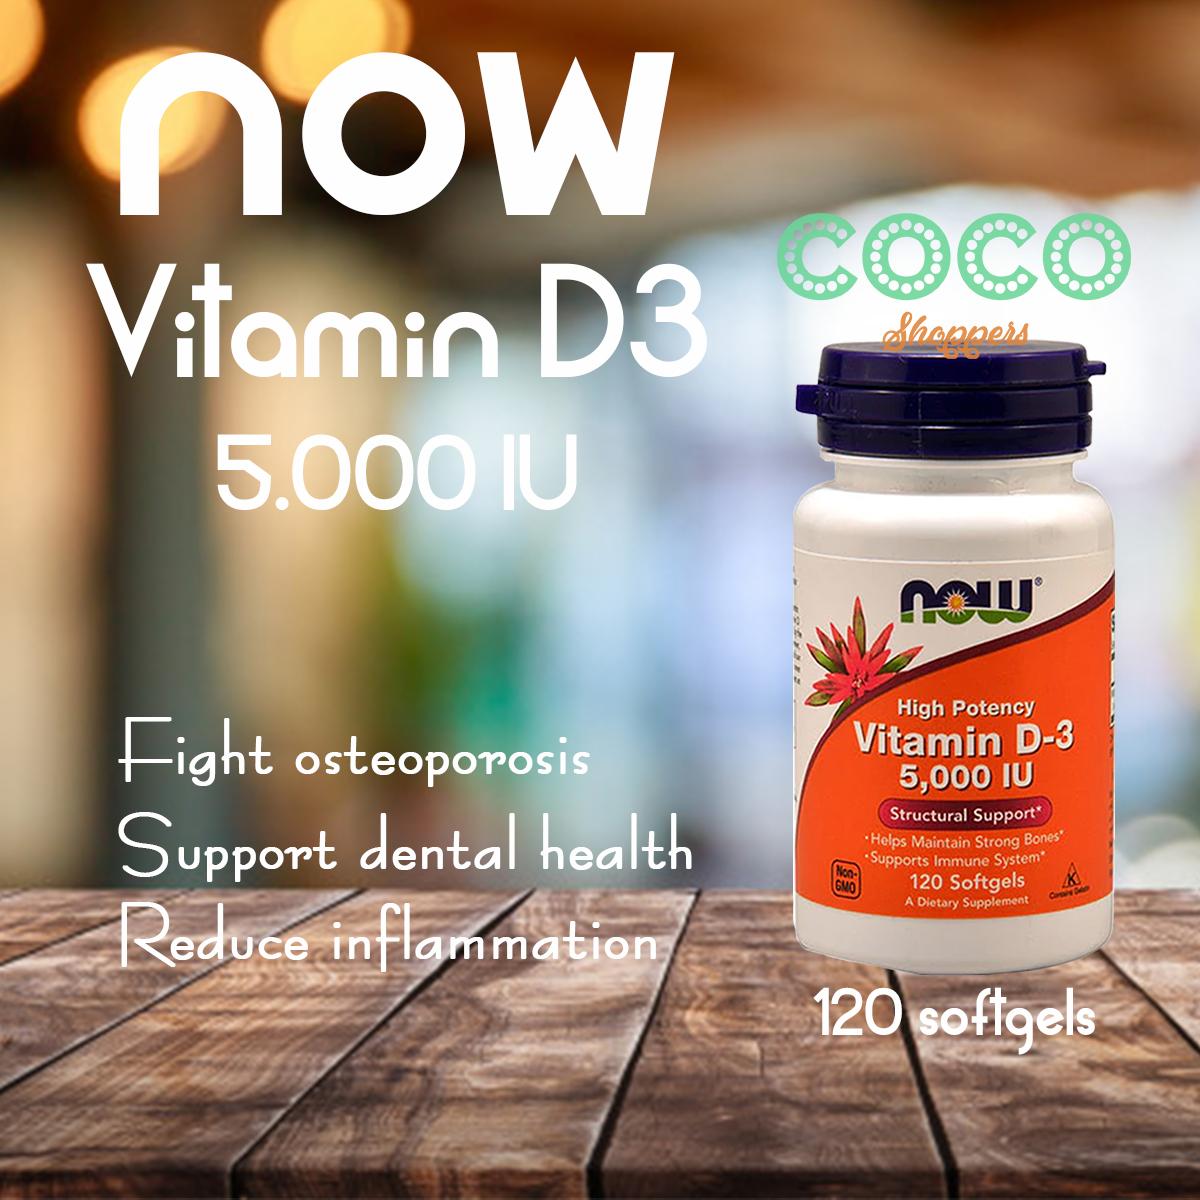 Now vitamin d-3 5000IU, setara blackmores, swisse, nature's way, vitamin australia, aussie, amrik, amerika, us, usa, jual murah di tokopedia